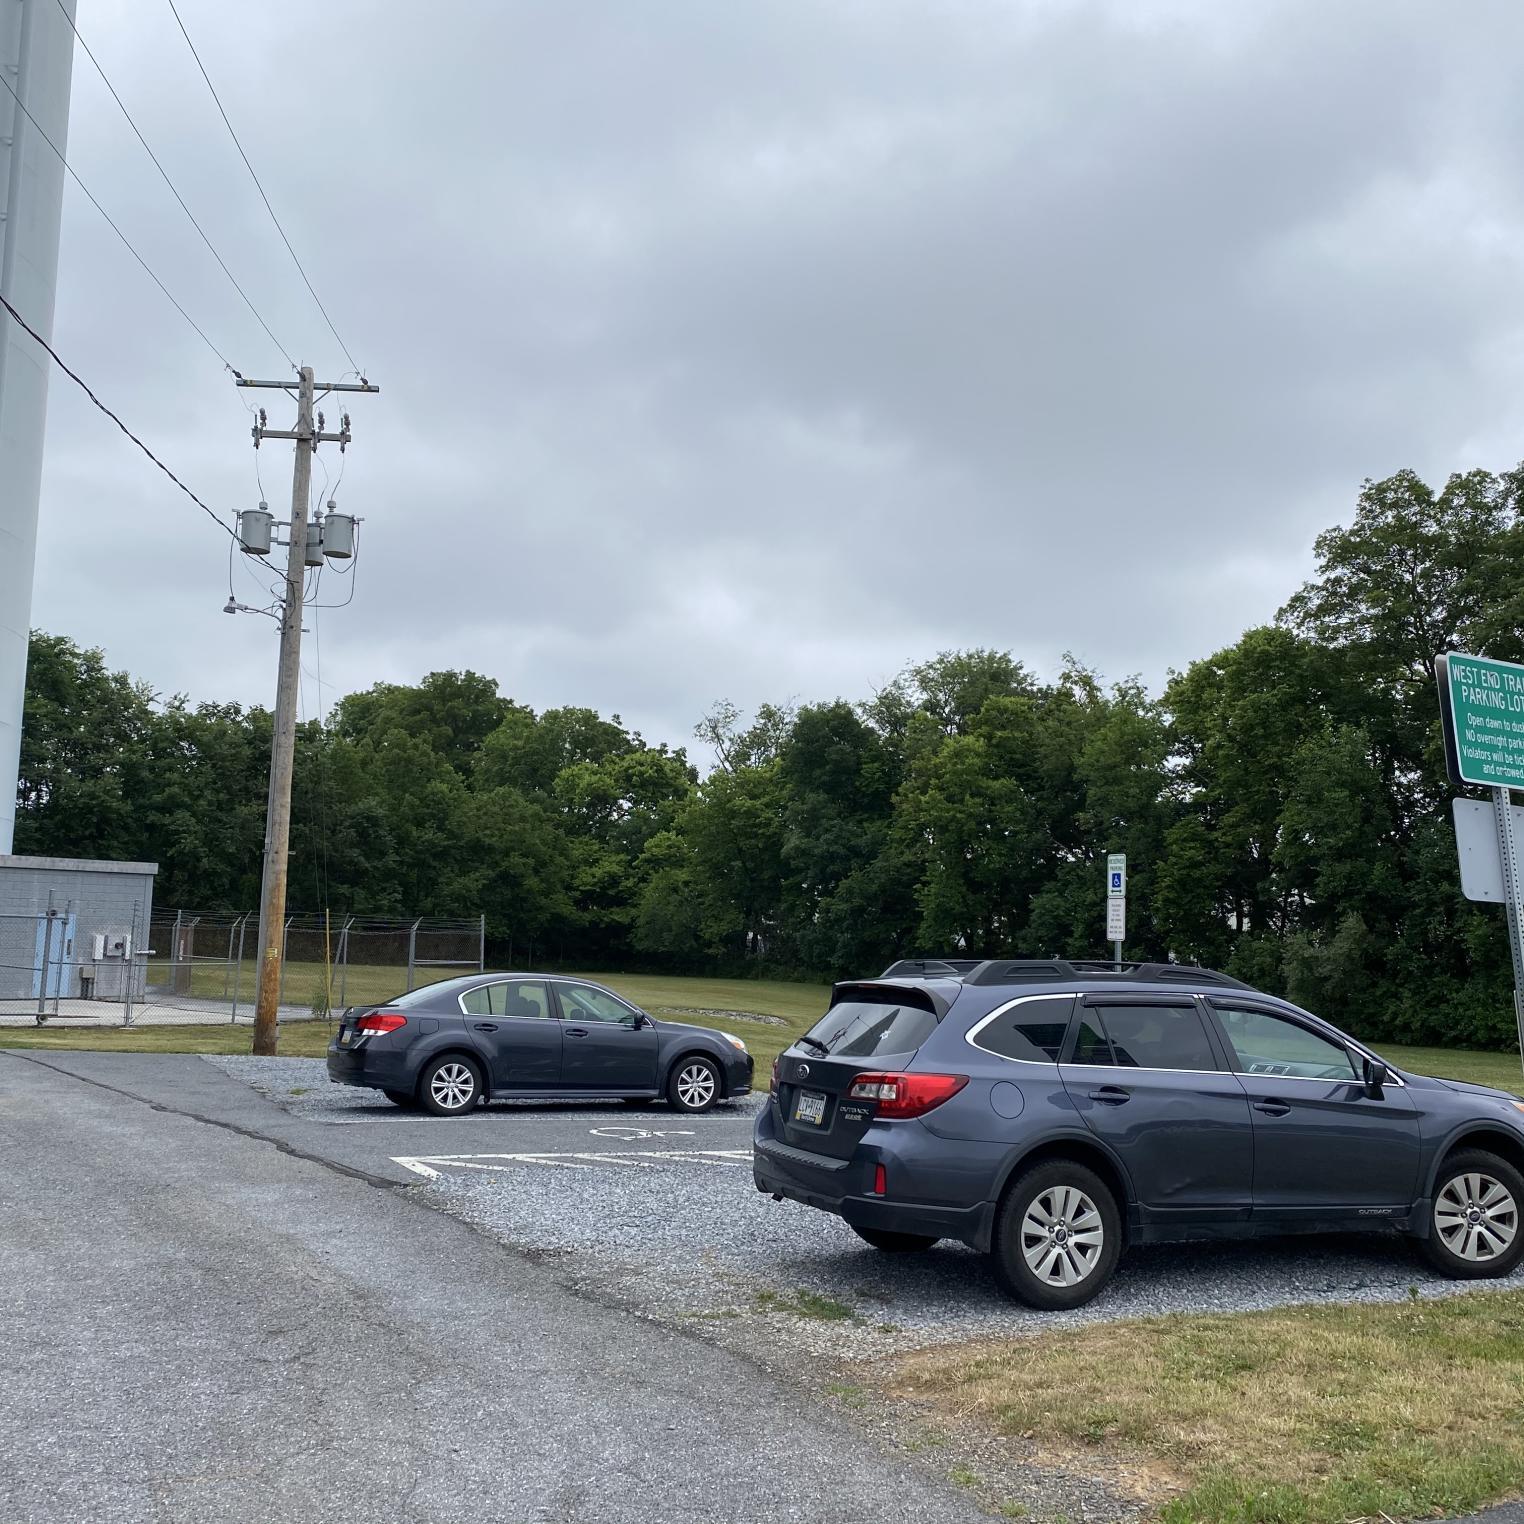 West End Trail Parking Lot